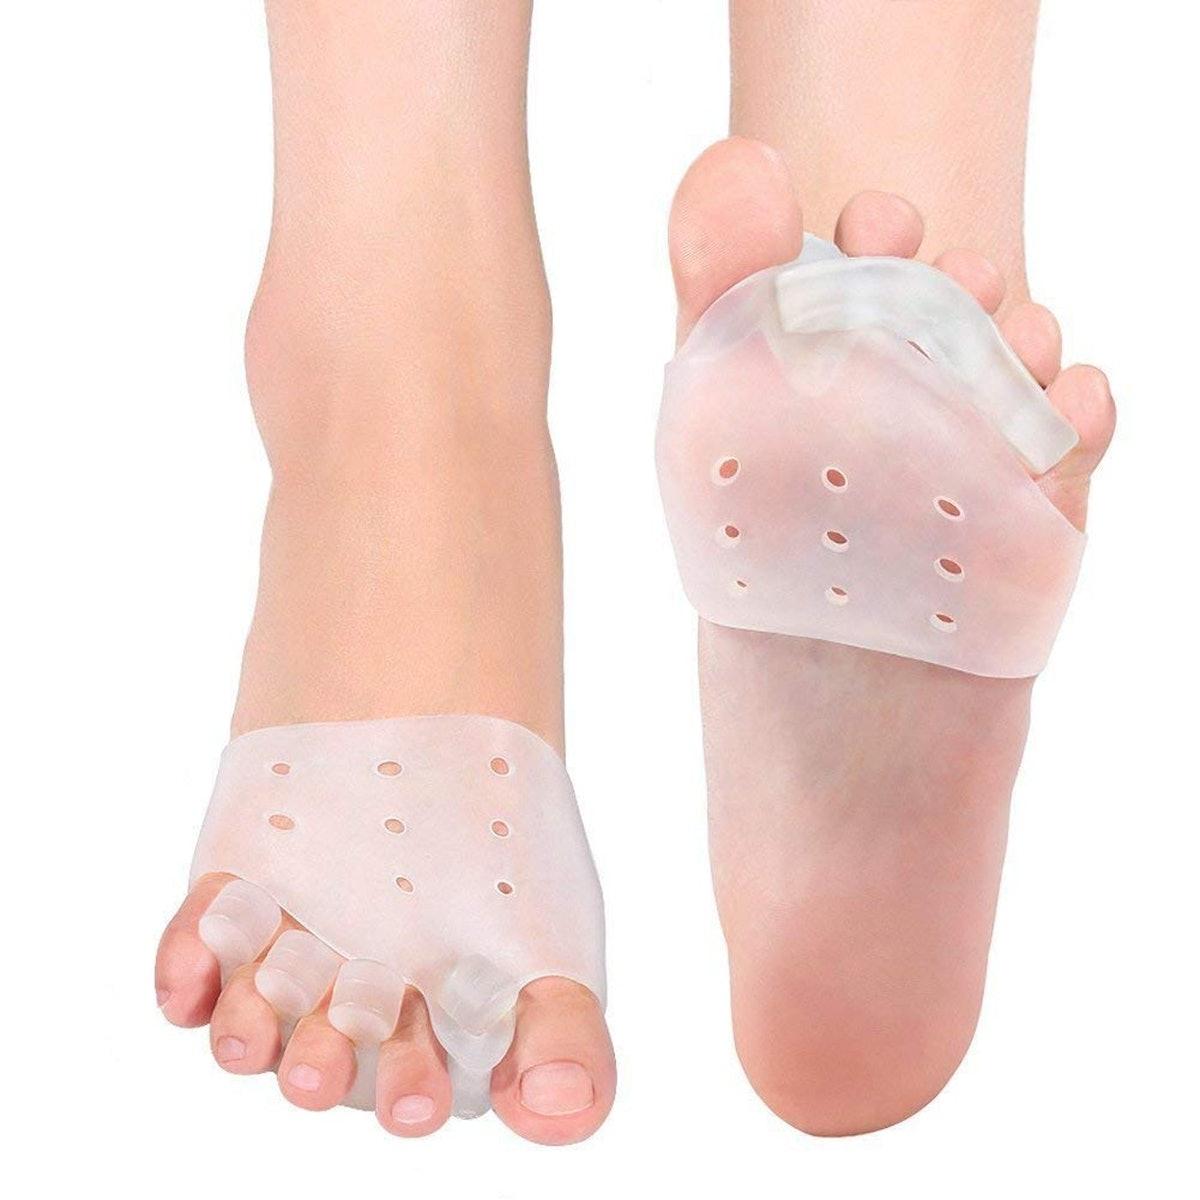 DOACT Gel Toe Separators And Metatarsal Pads Kit